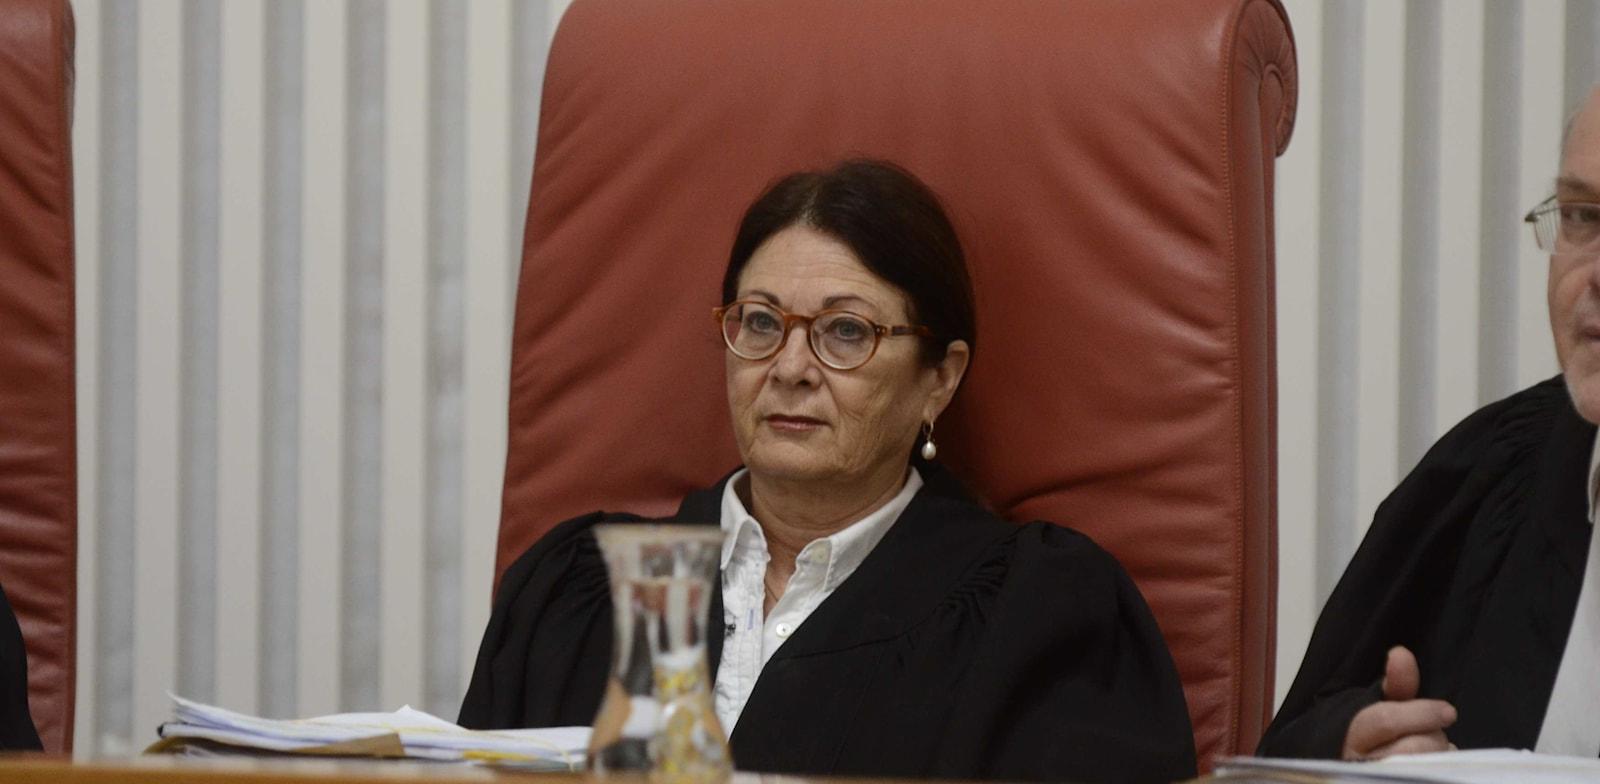 נשיאת בית המשפט העליון, השופטת אסתר חיות / צילום: אוריה תדמור